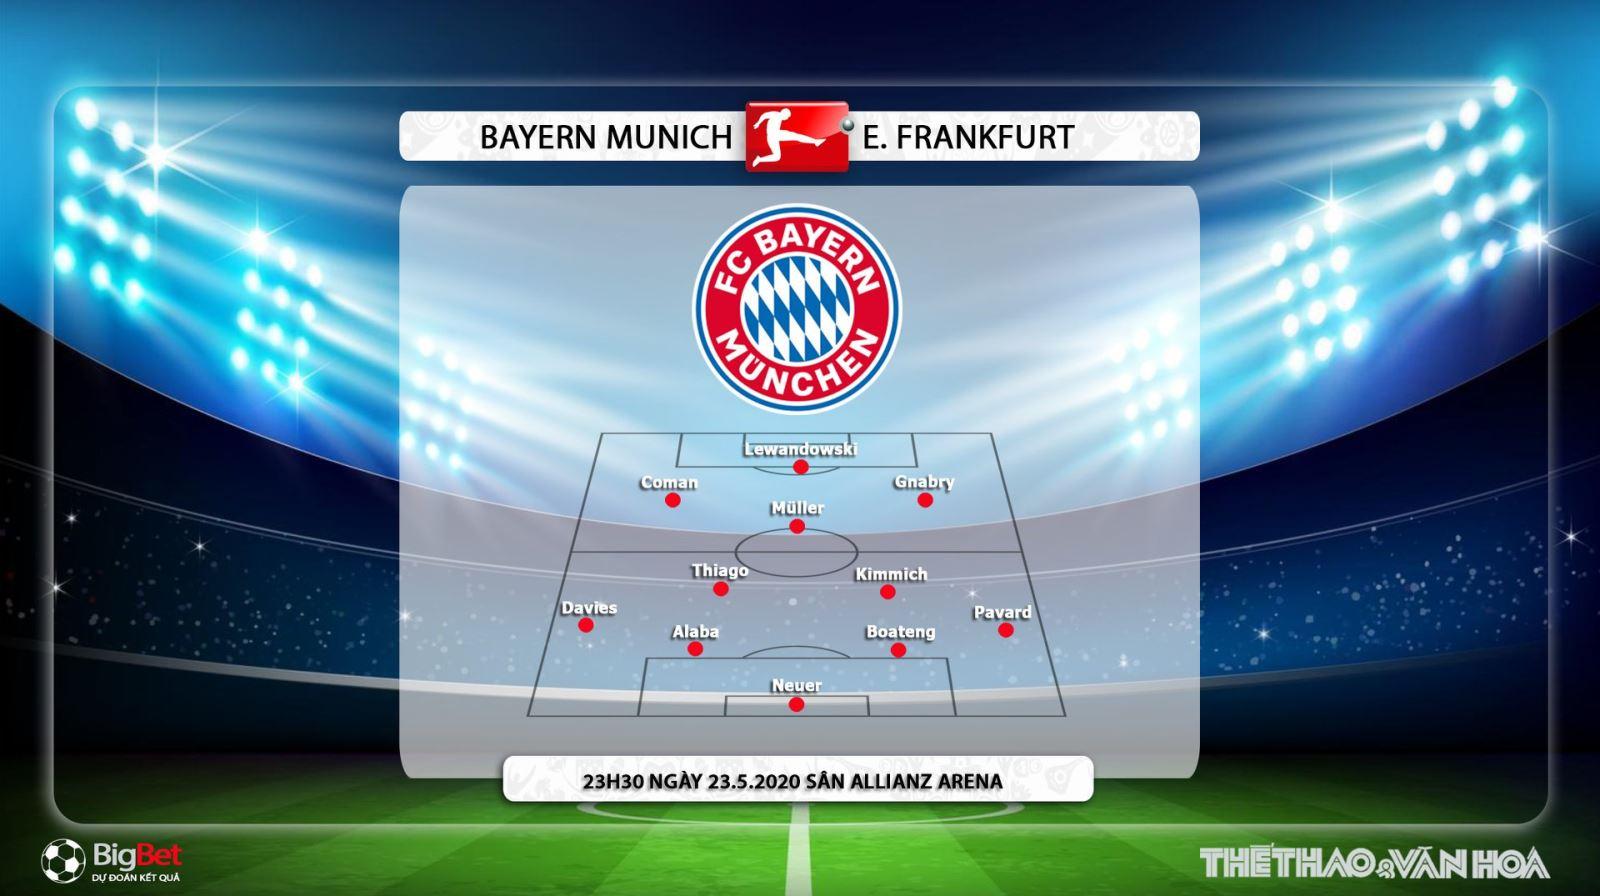 Soi keo nha cai, Bayern Munich vs Frankfurt, Keo nha cai, soi kèo nhà cái, kèo Bayern Munich vs Frankfurt, Kèo Bayern Munich, truc tiep bong da, trực tiếp bóng đá Đức